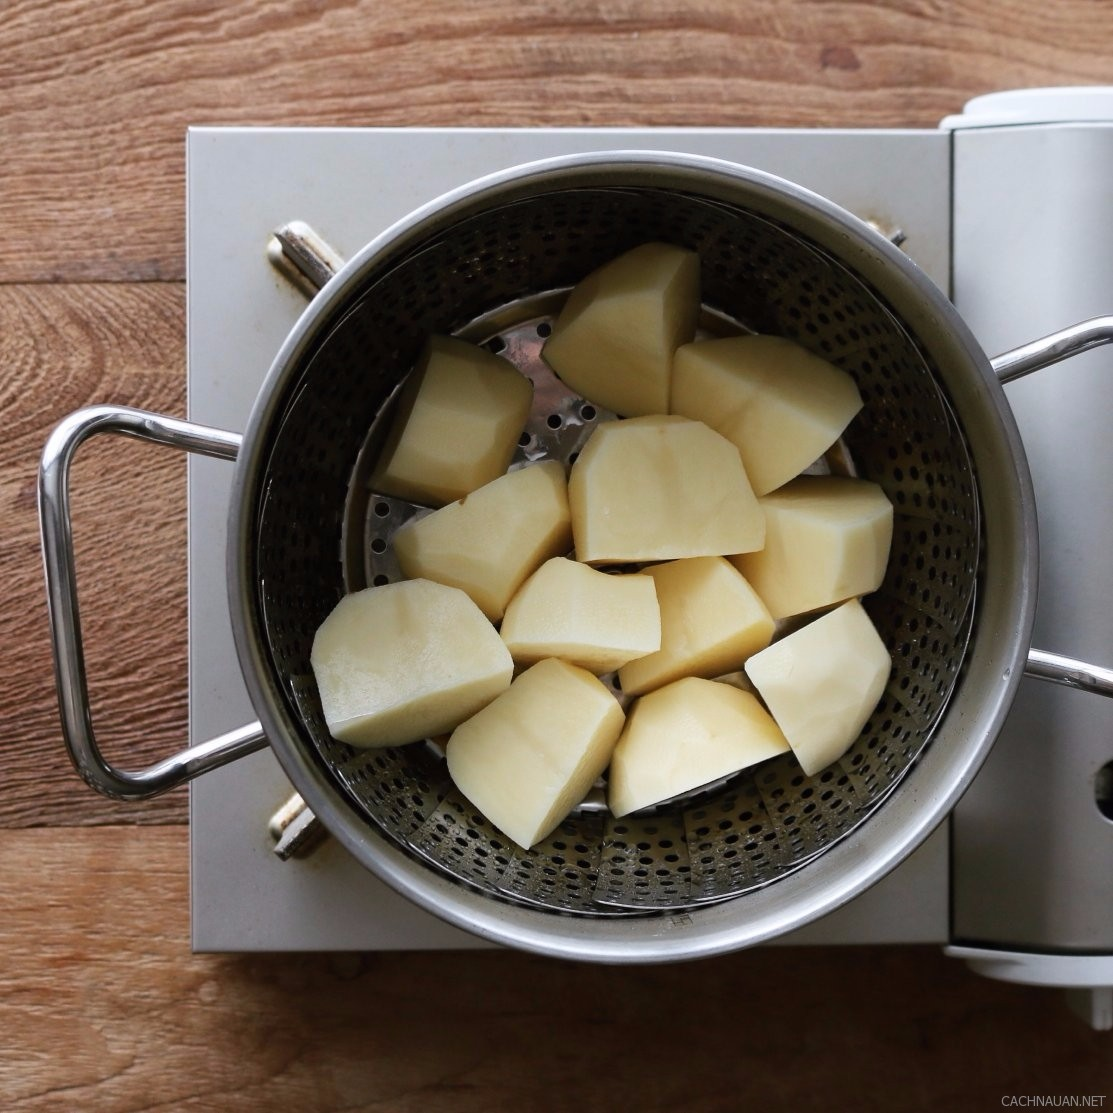 cach lam banh khoai tay chien pho mai thom ngon 3 - Cách làm bánh khoai tây chiên phô mai thơm ngon